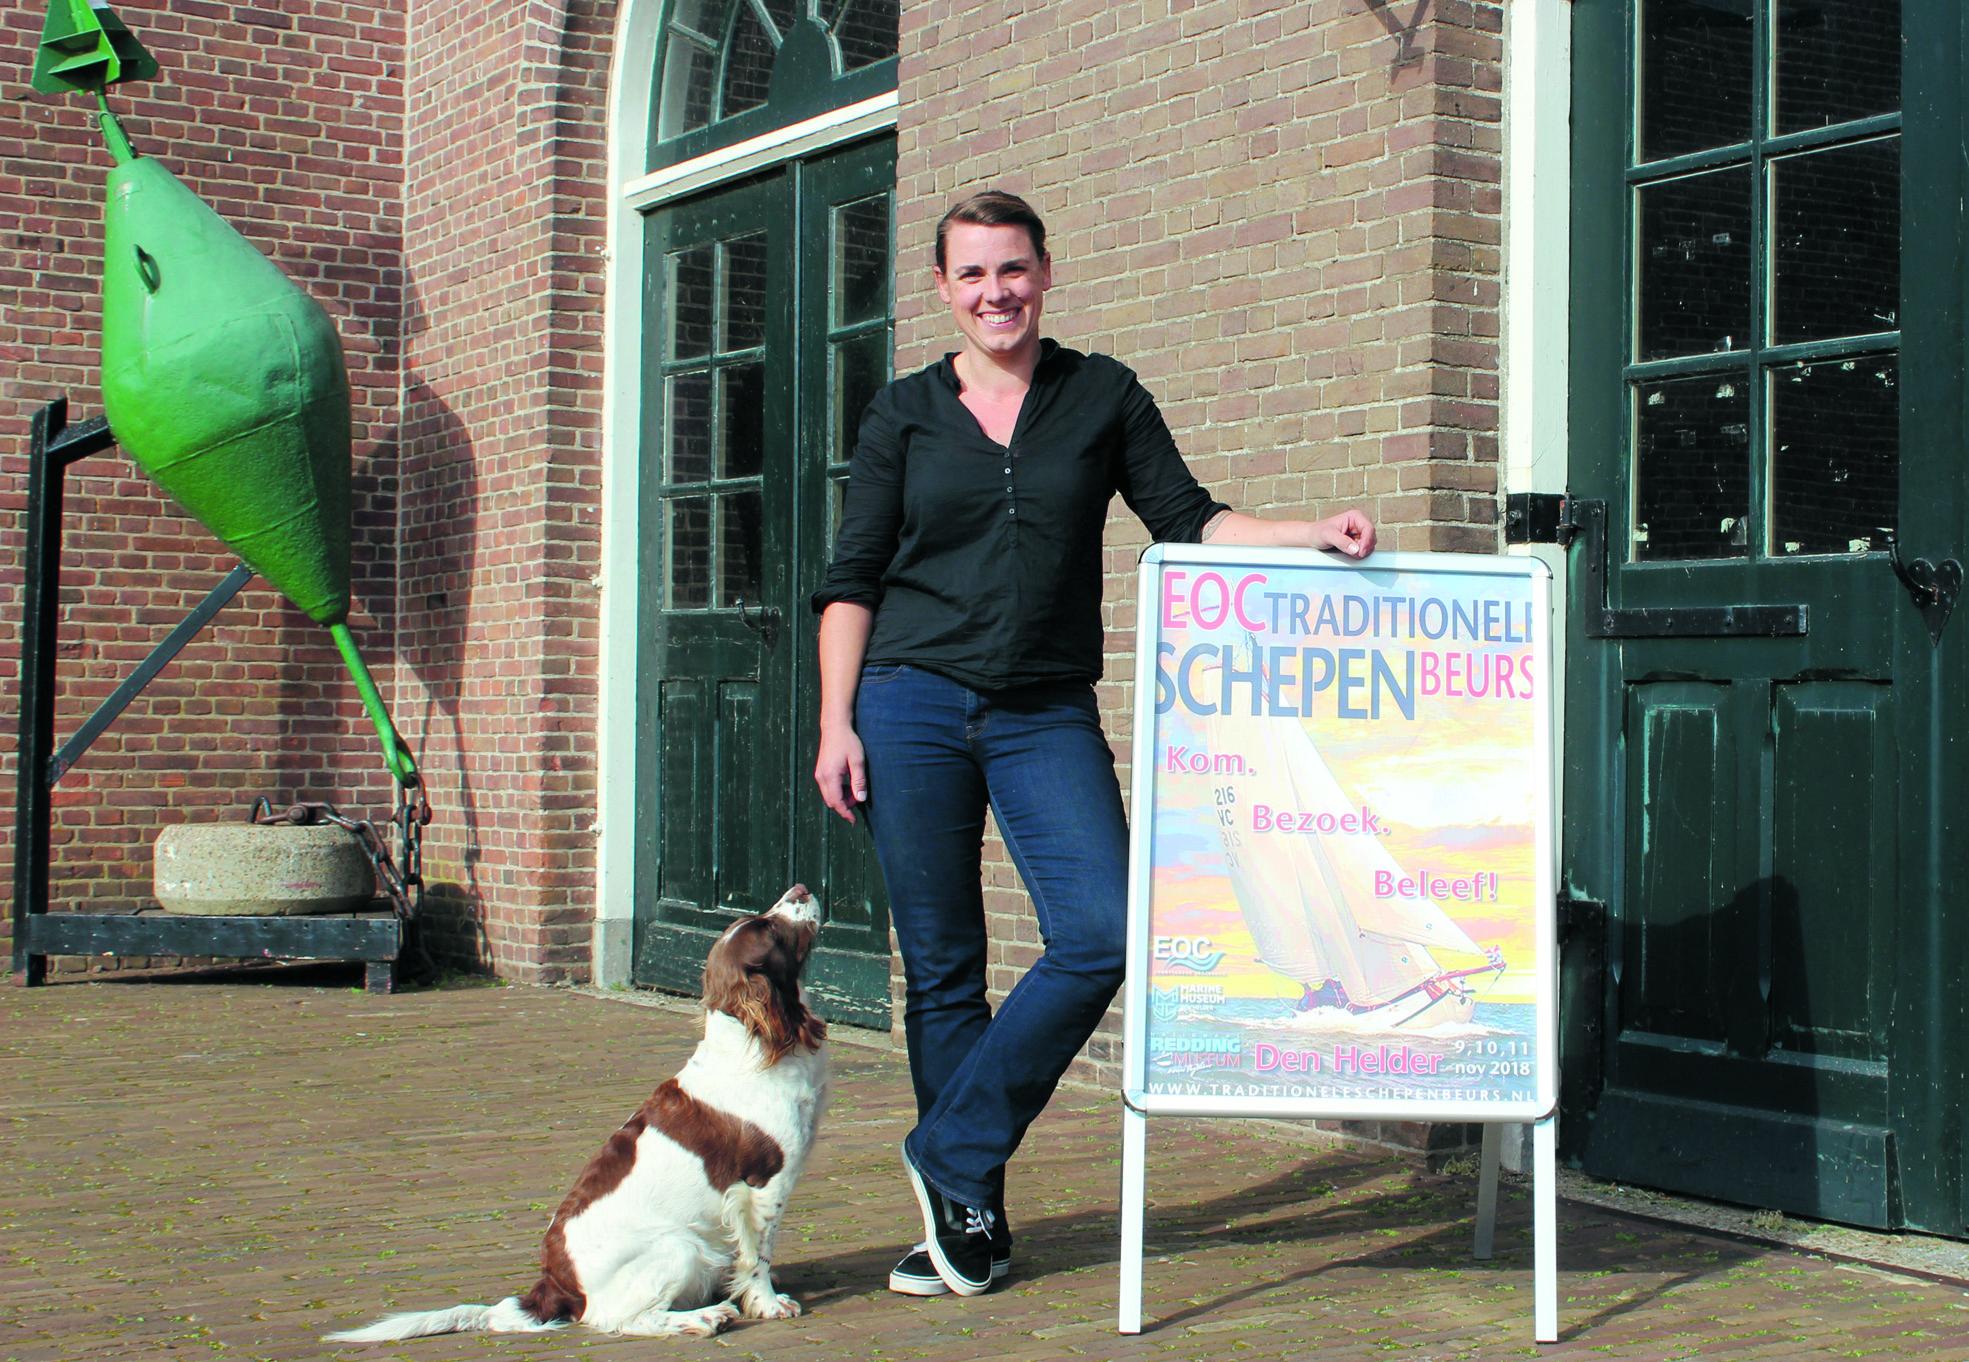 Beursmanager Jet Sluik van de EOC-Traditionele Schepen Beurs. ( Foto: Paul Schaap)